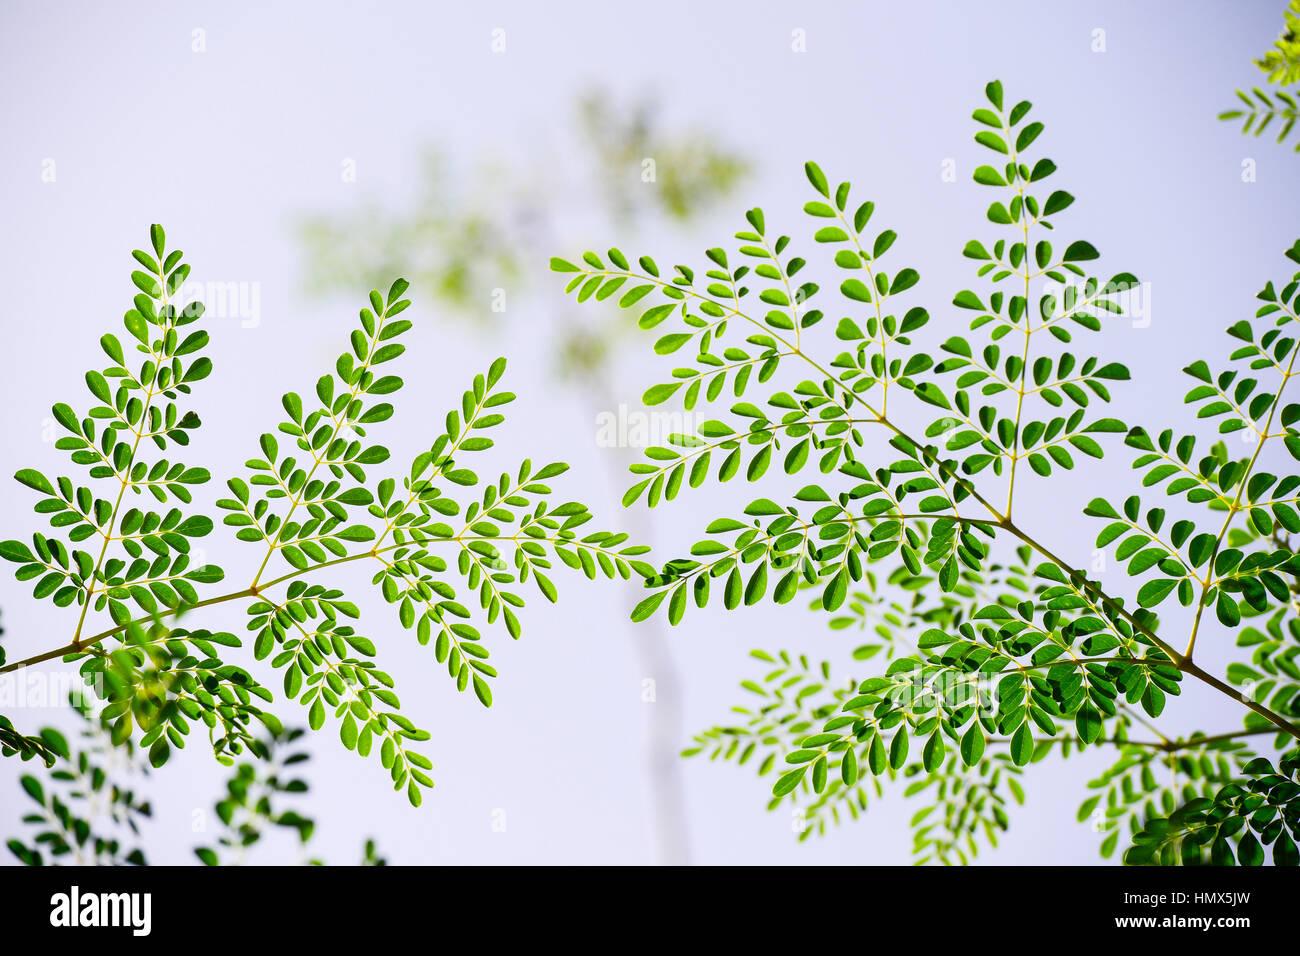 Kenya Branches Of Moringa Tree Kenia Blaetter Und Zweige Des